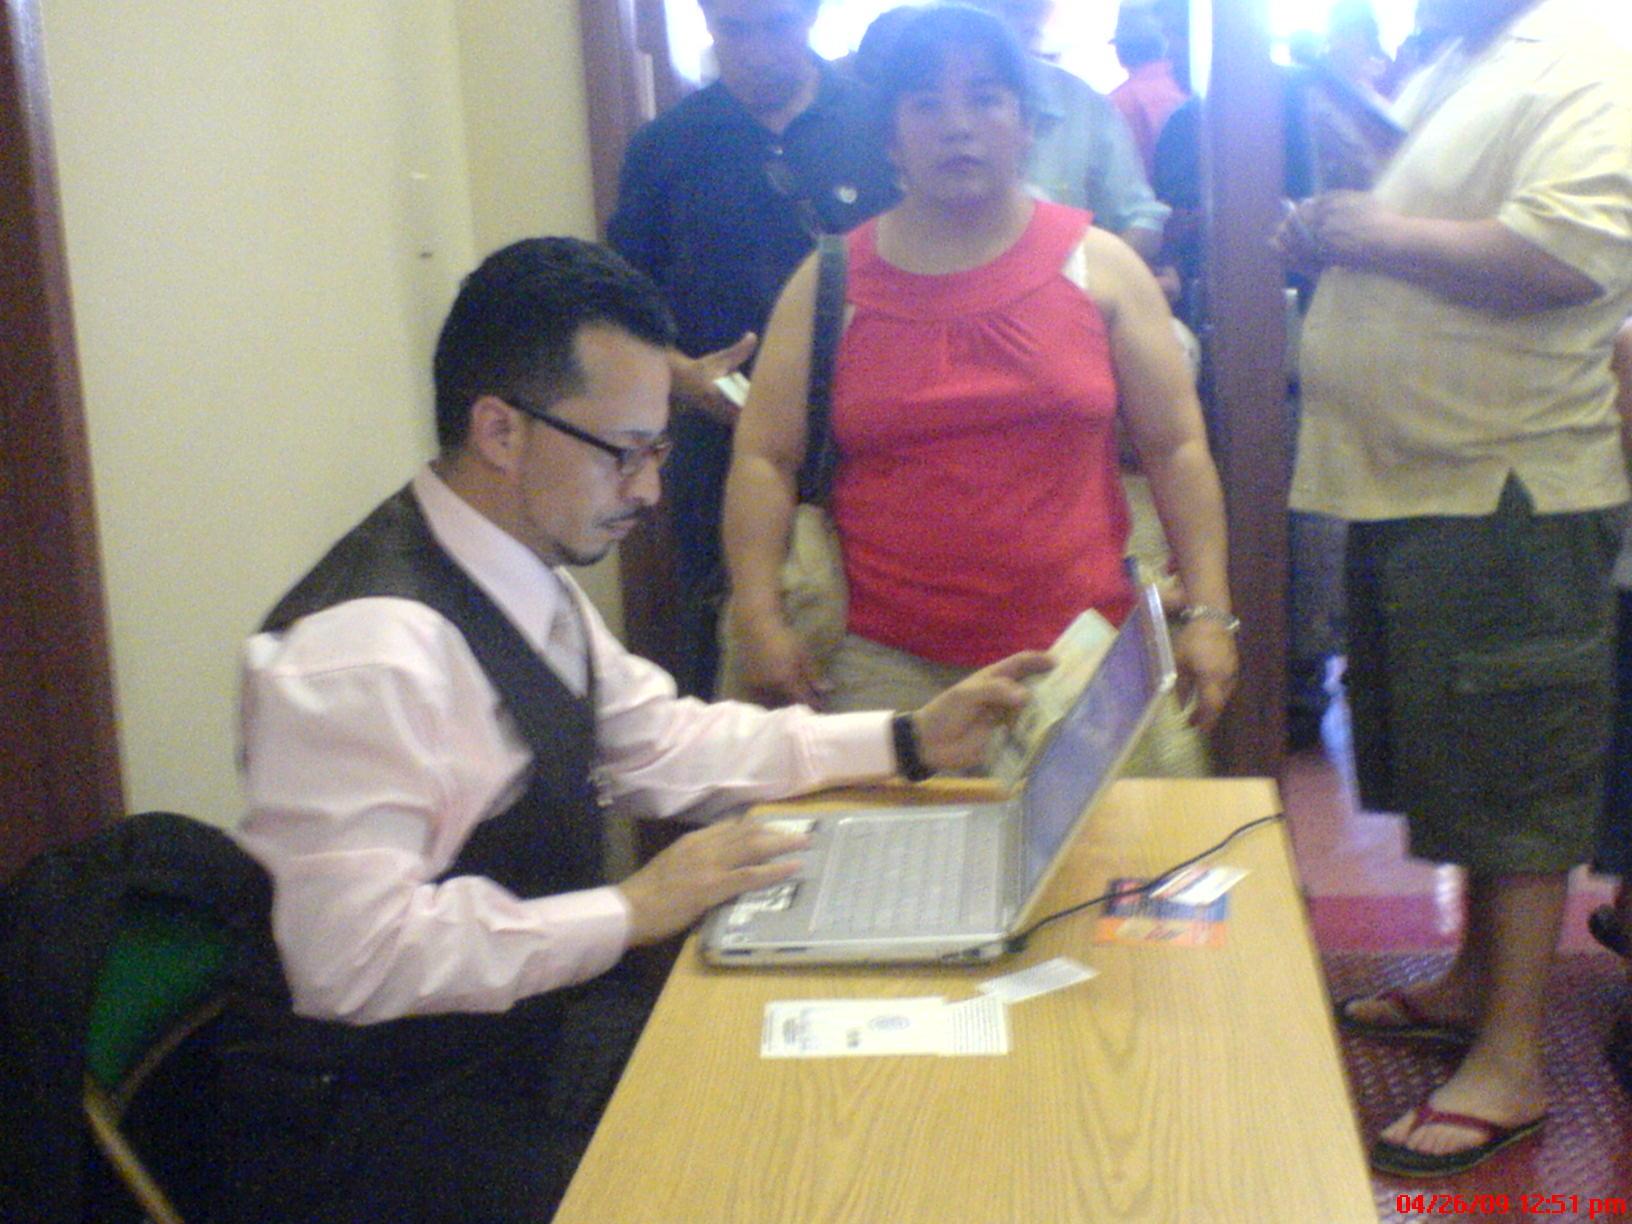 Empleado del Consulado ecuatoriano en New Jersey